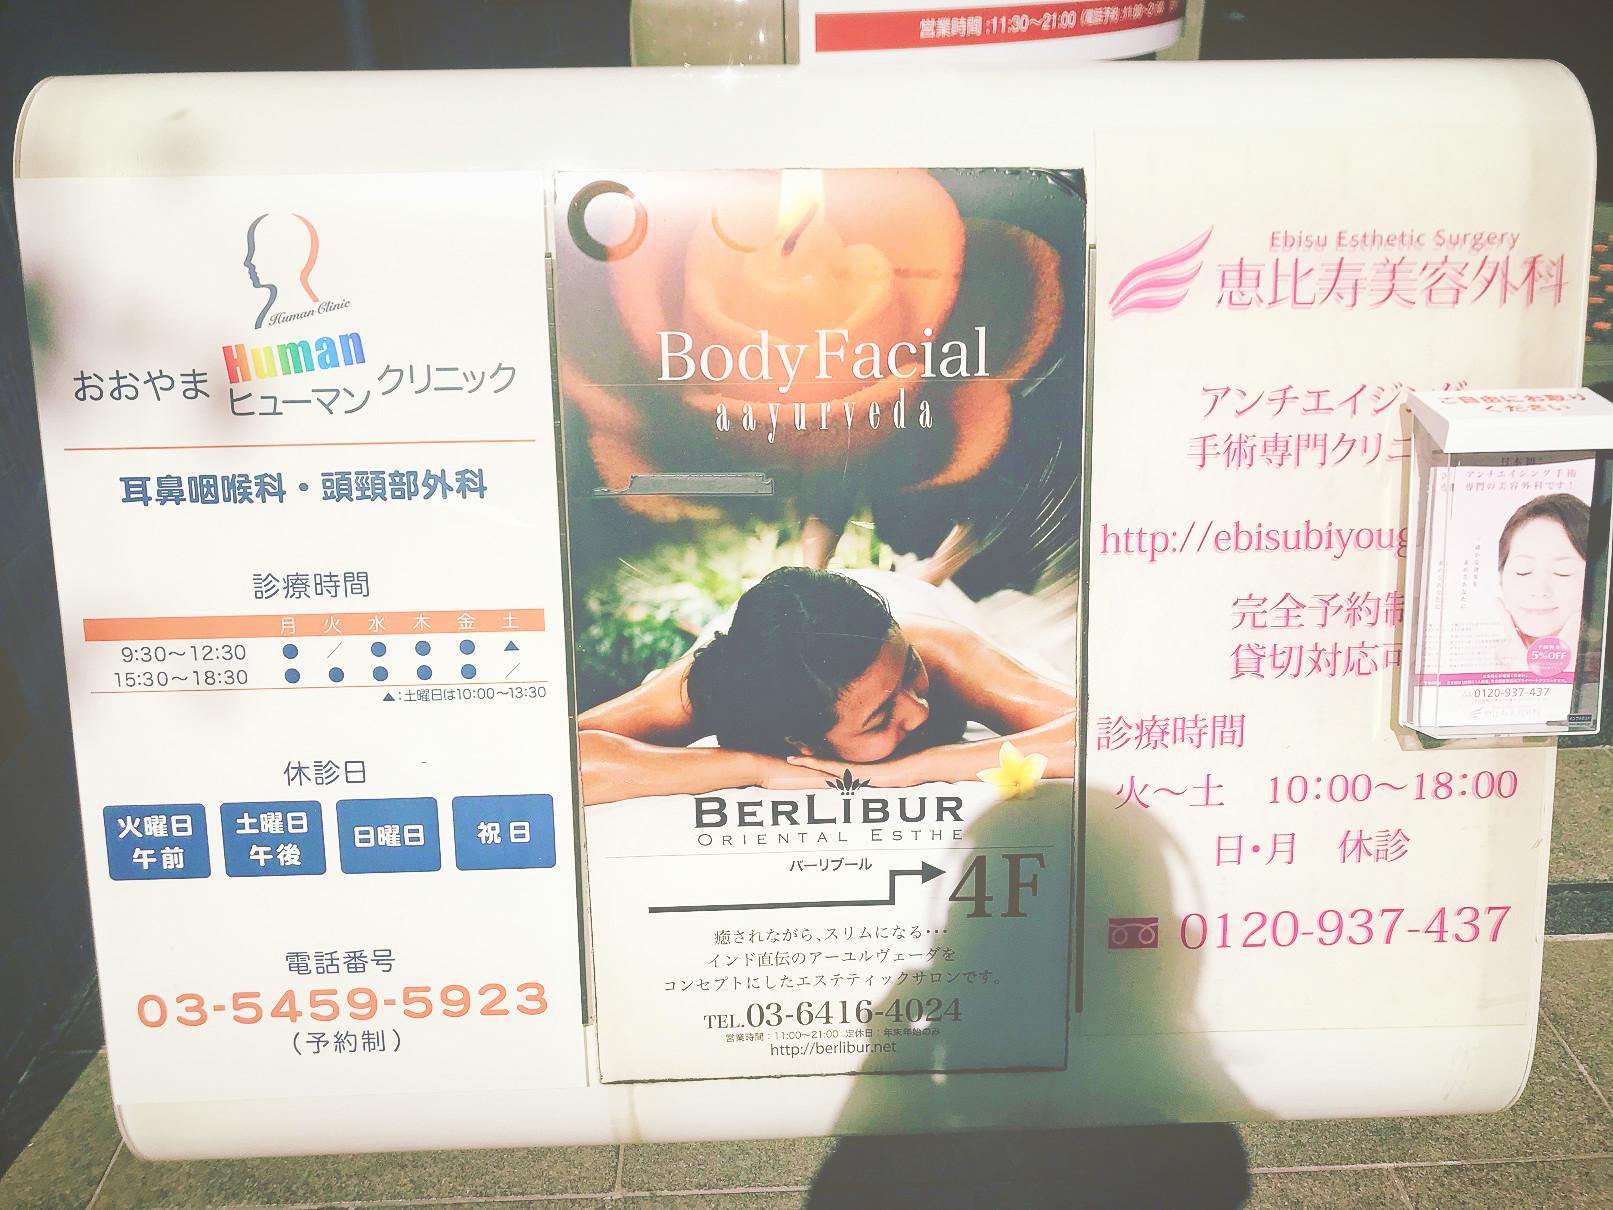 痩身エステBERLIBUR(バーリブール)恵比寿店初回体験アラサー女子口コミレポ